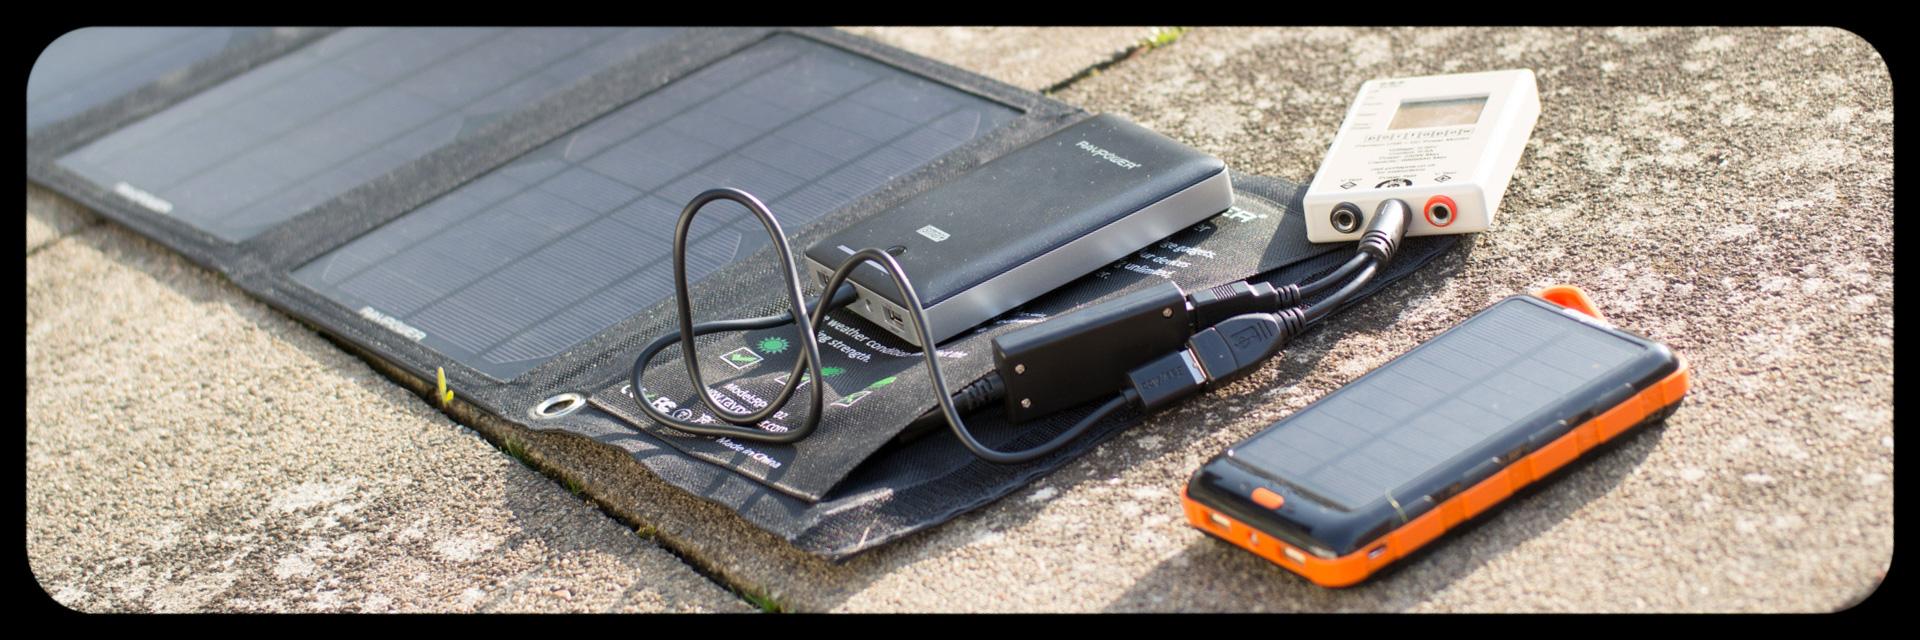 Solar Ladegeräte von RAVPower und EasyAcc im Vergleich